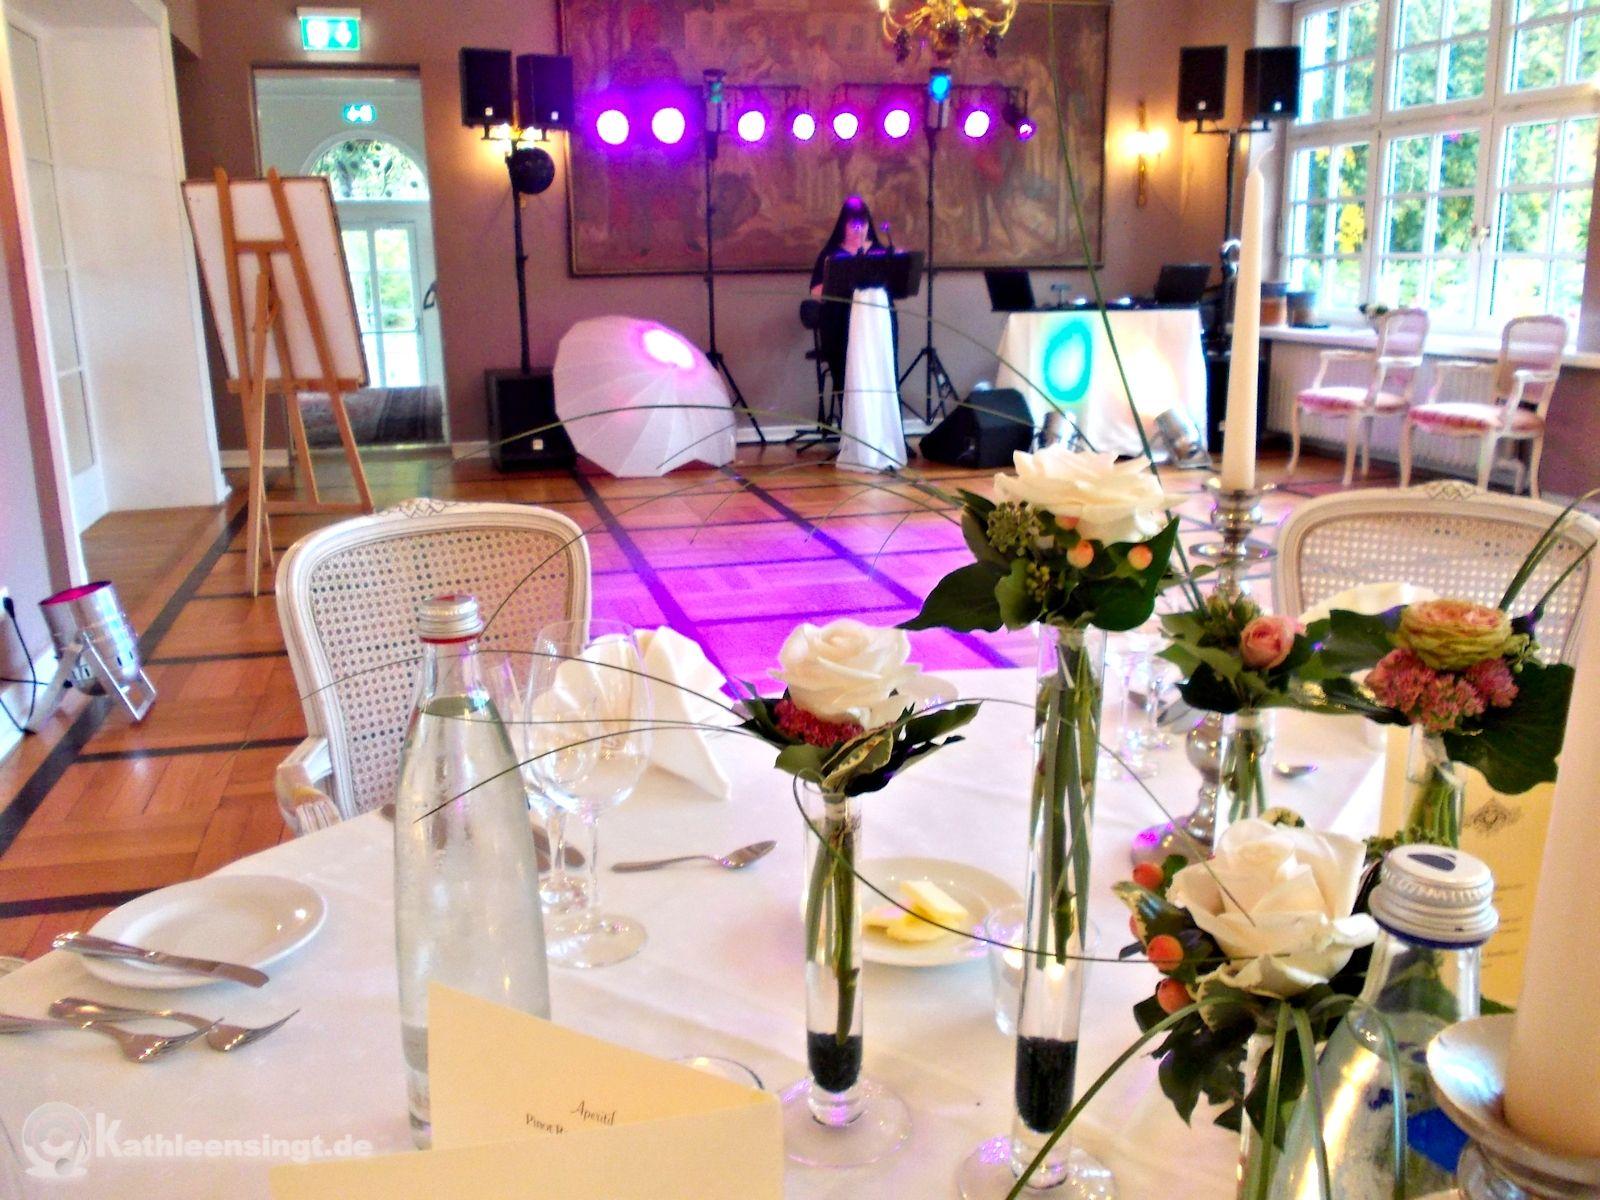 Ihre Hochzeitsdienstleister In Zweibrucken Im Romantik Hotel Landschloss Fasanerie Mit Livendj Musikservice Htt Romantik Hotels Hochzeit Heiraten